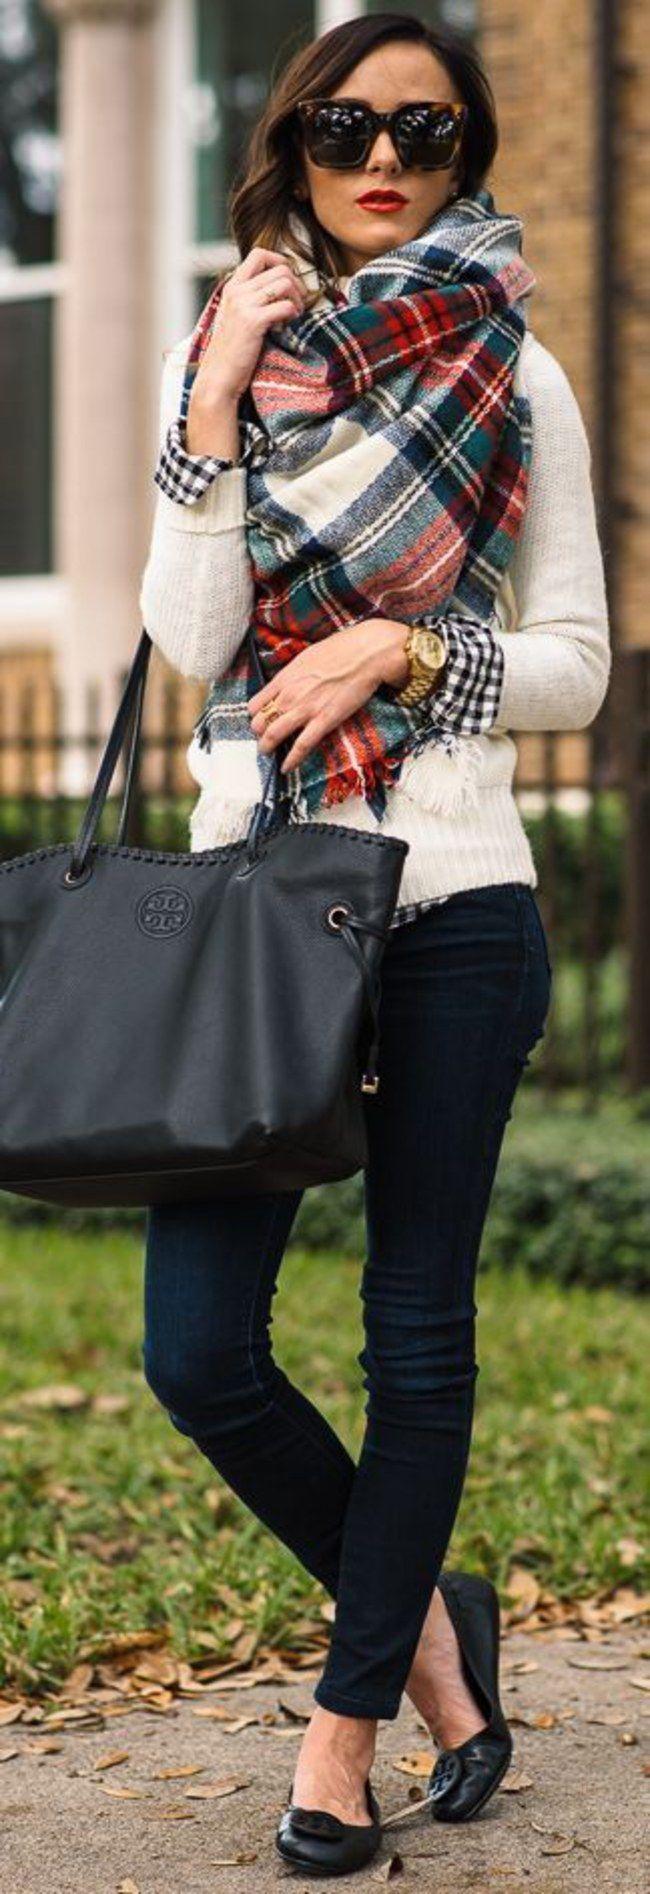 The bag ❤